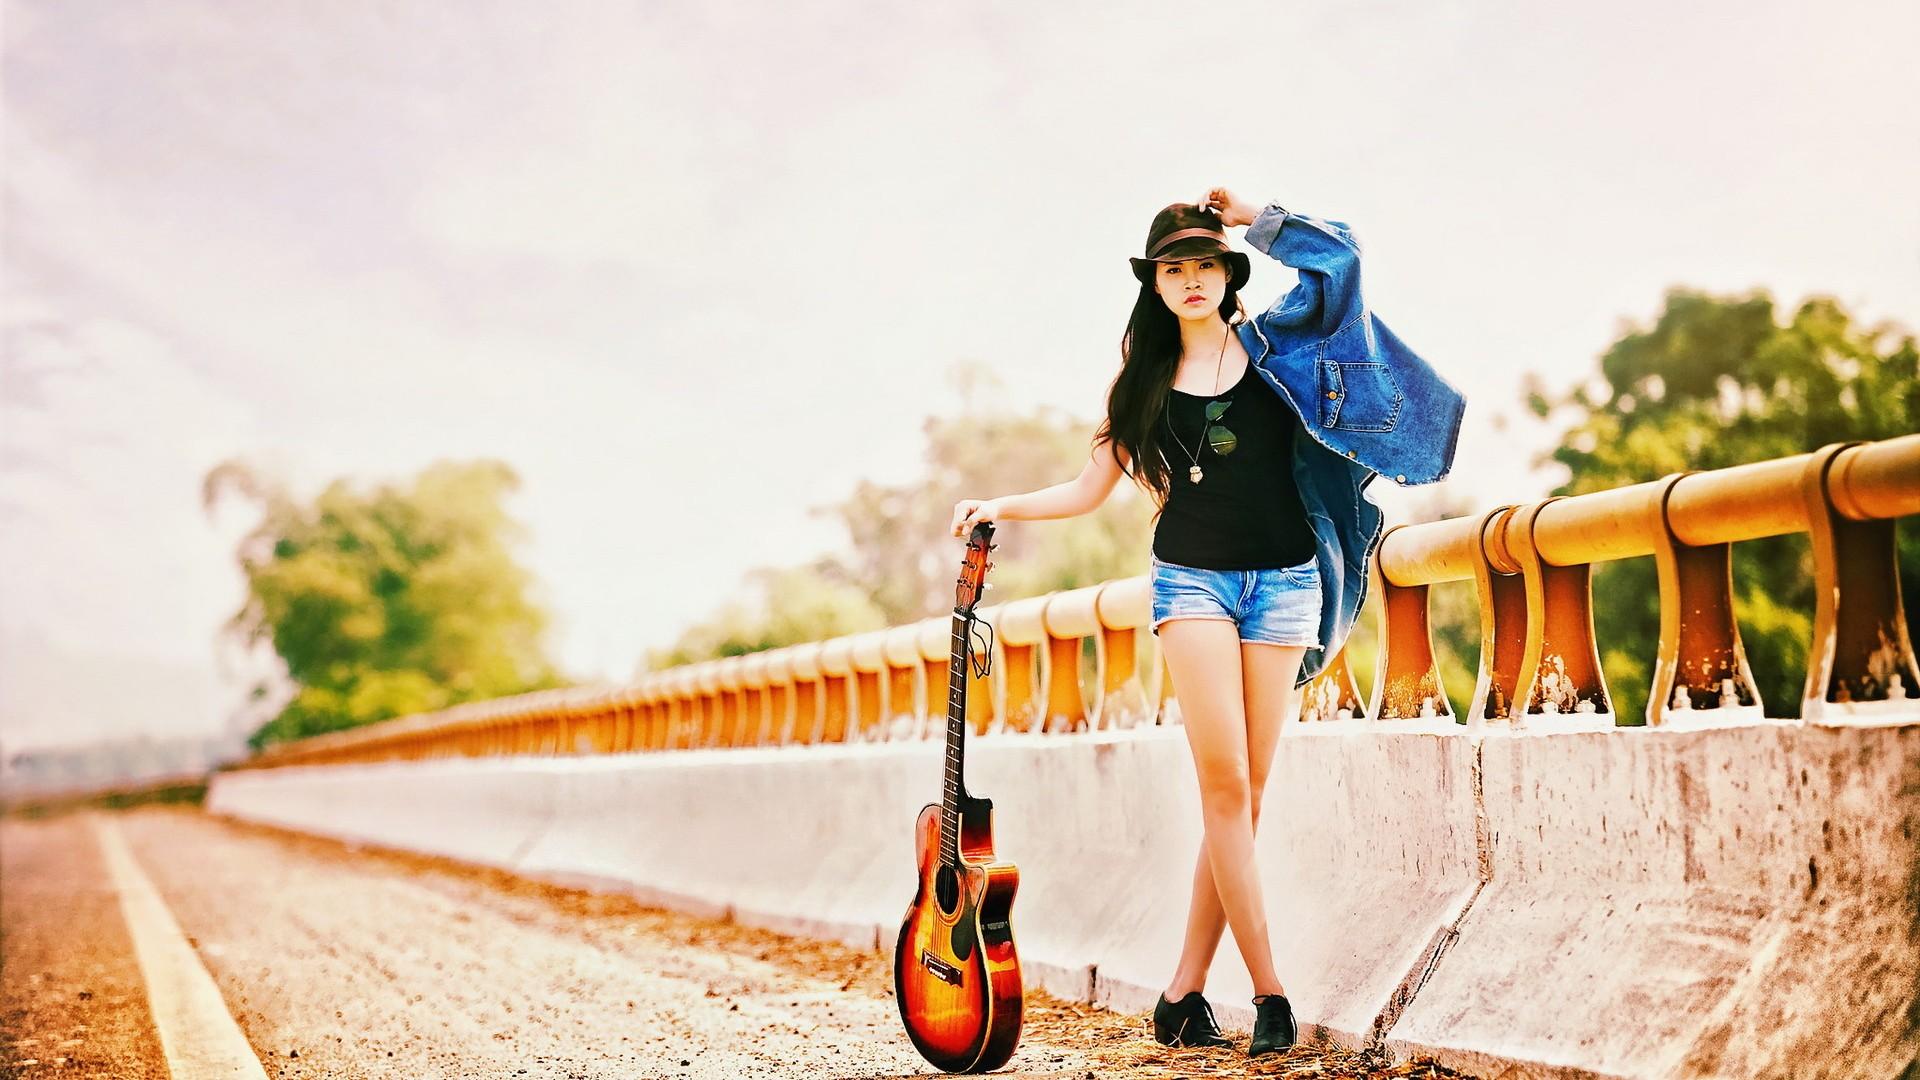 Guitar Girl   Wallpaper High Definition High Quality Widescreen 1920x1080